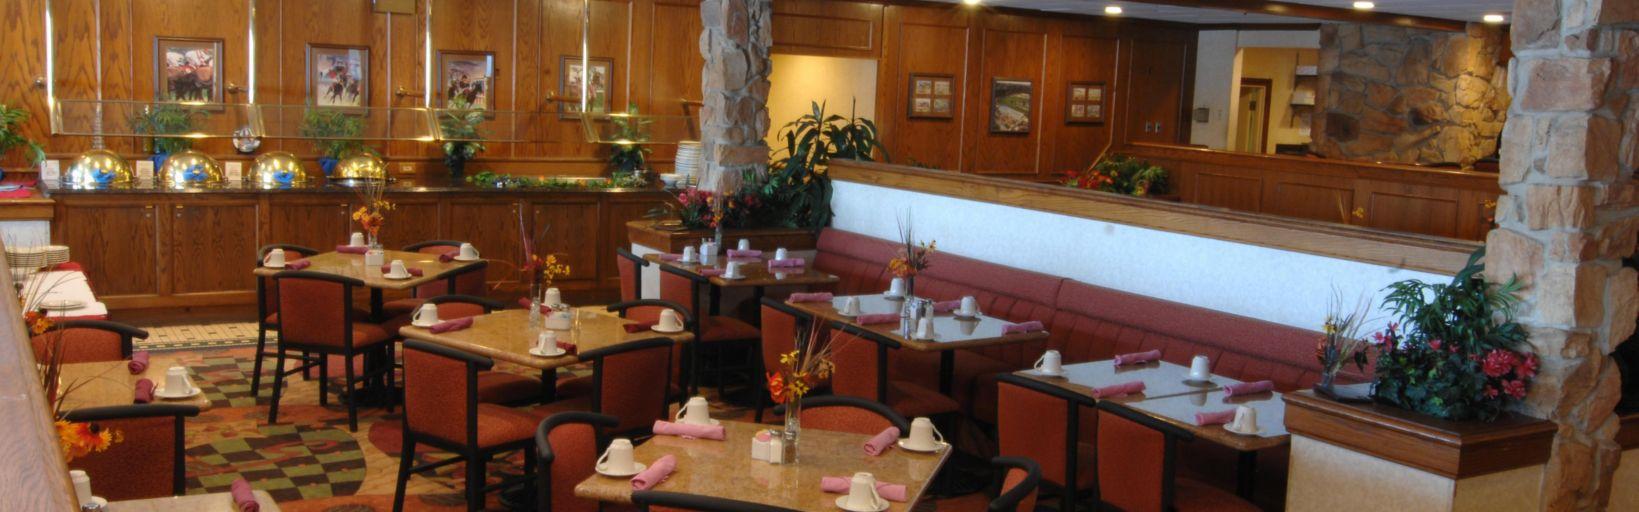 Restaurants Near Schaumburg | Best Restaurants Near Me